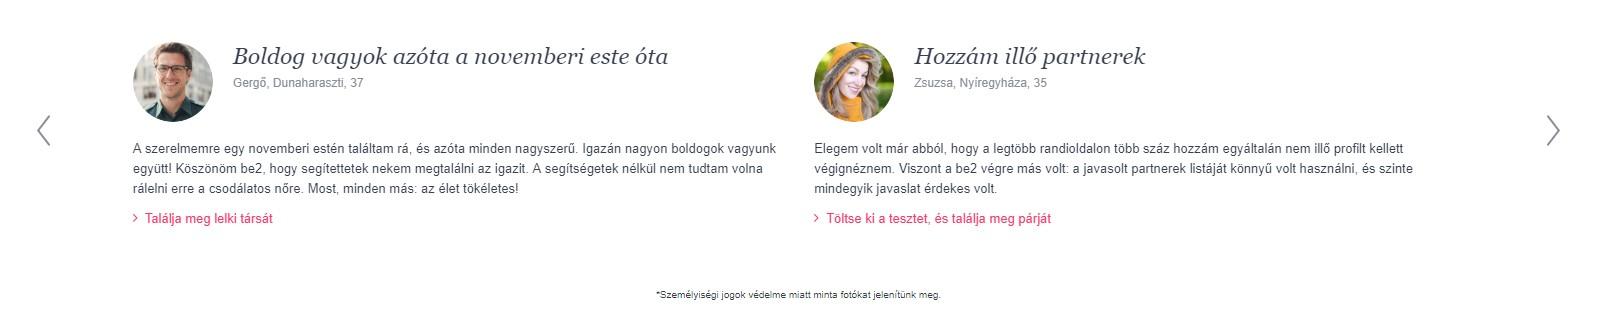 Hogyan lehet létrehozni a tökéletes online társkereső profilt